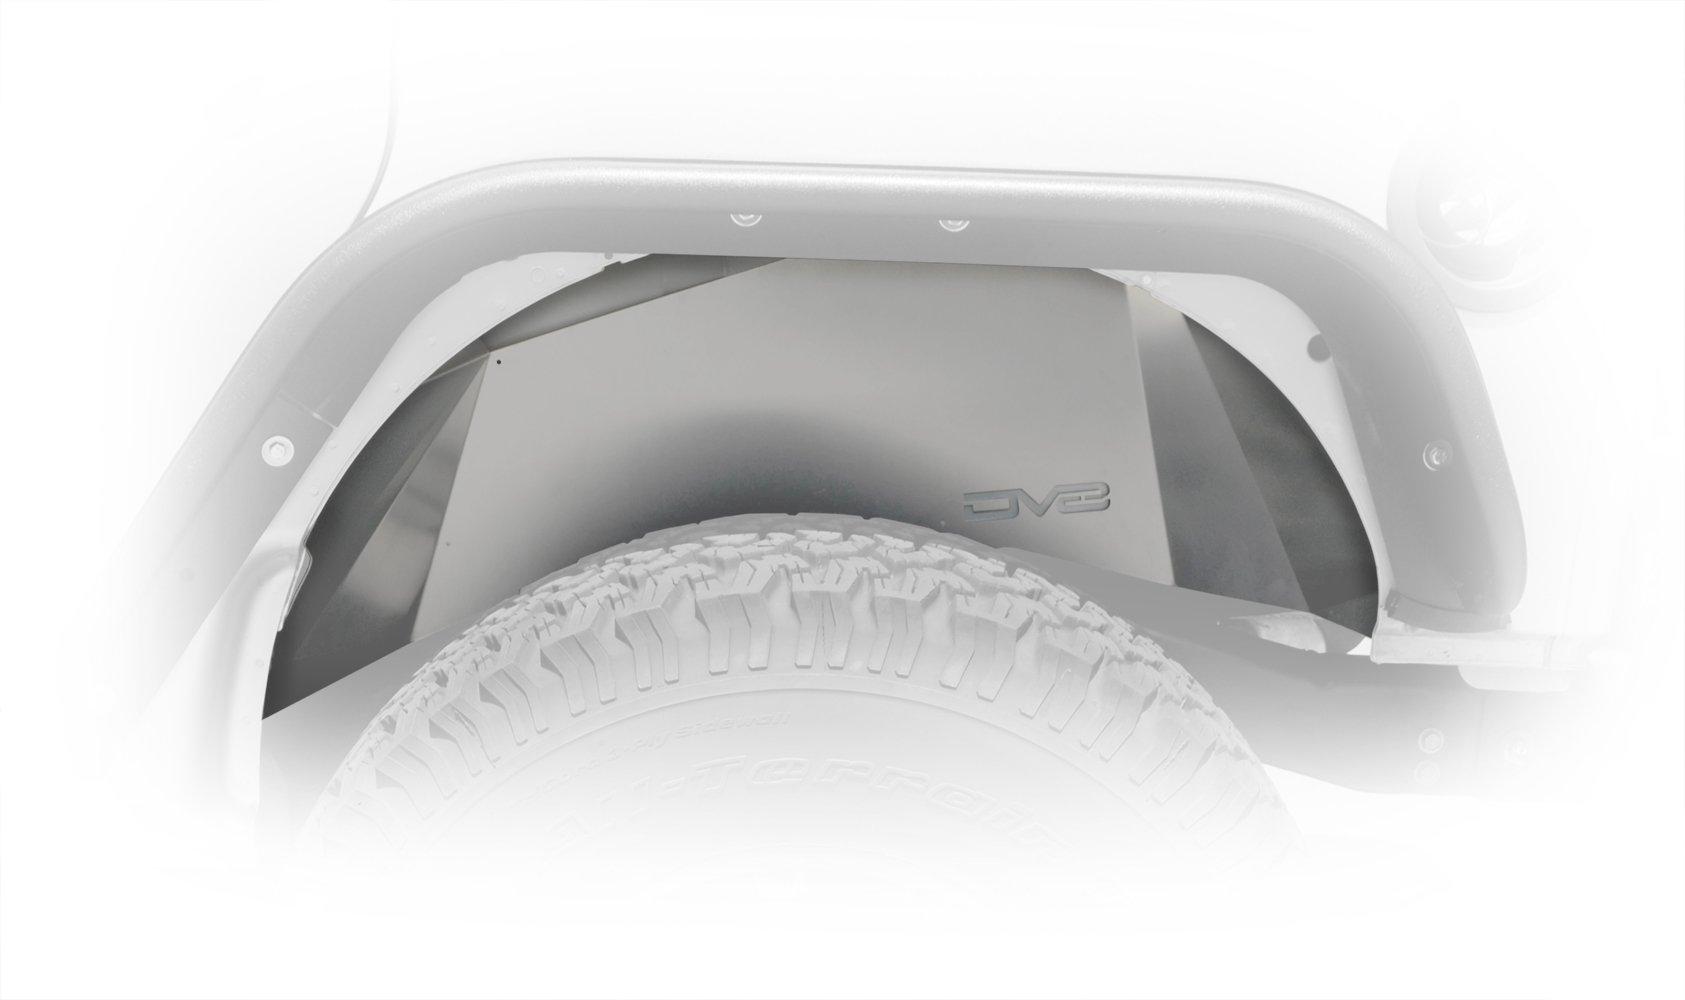 Jeep JK Inner Fender Rear Raw 07-18 Wrangler JK Aluminum DV8 Offroad